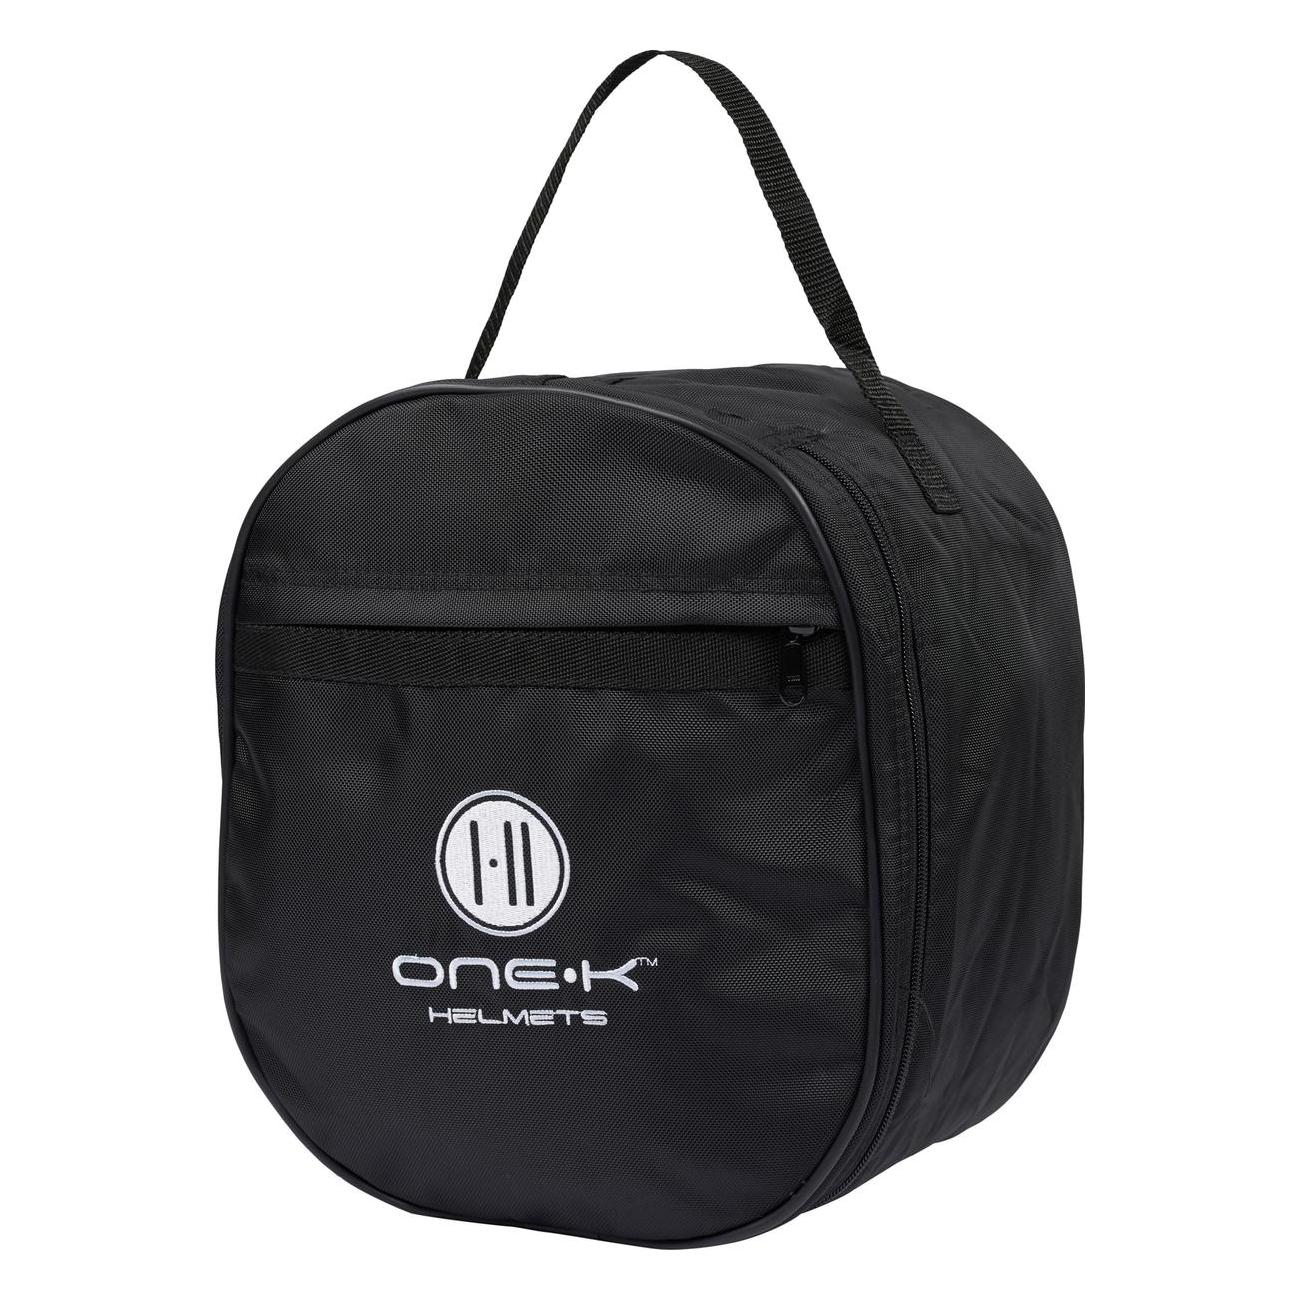 OneK Helmtasche